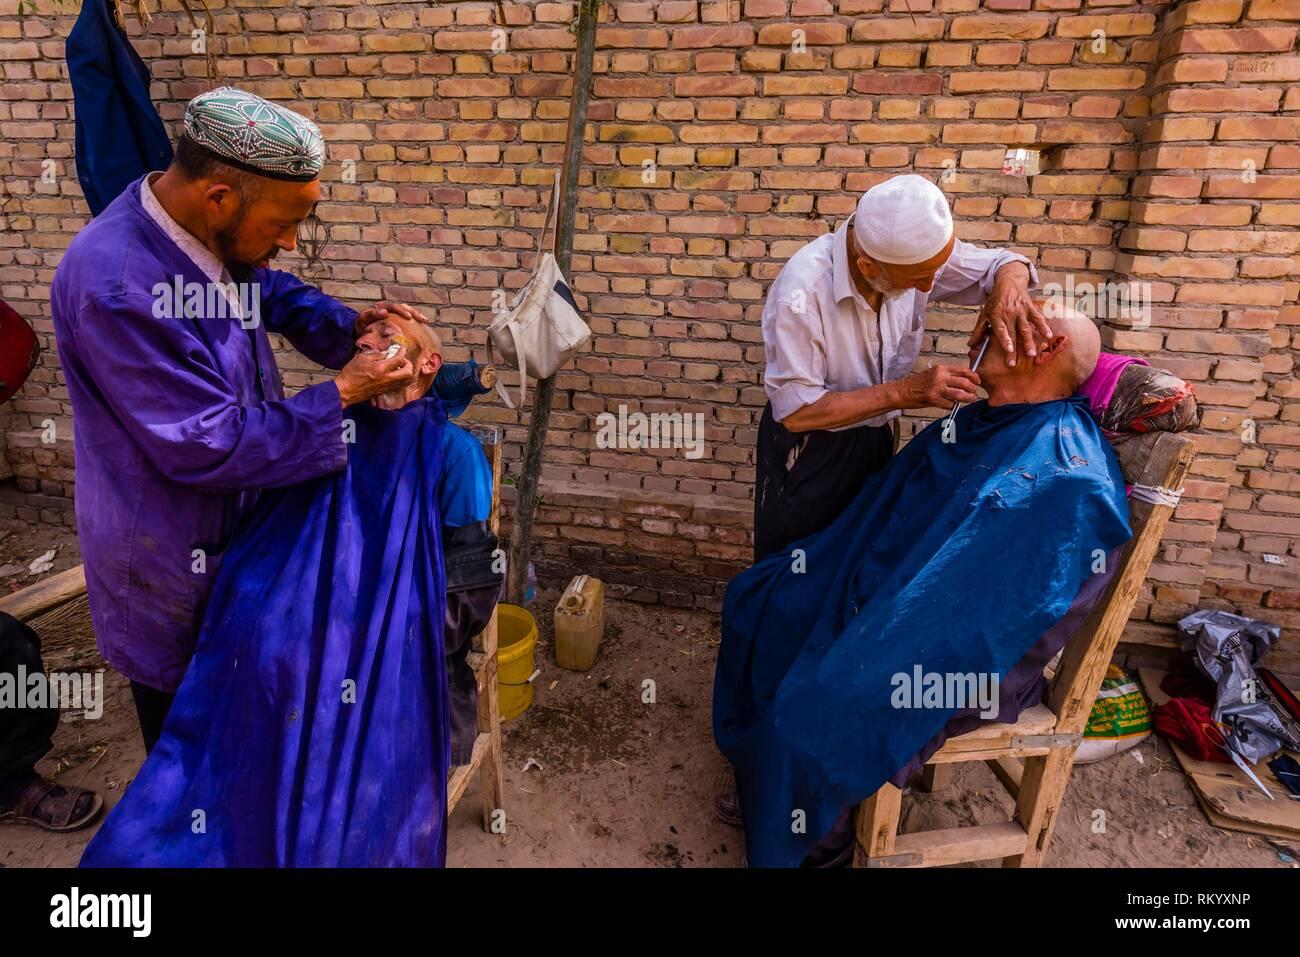 Uyghur uomini di ottenere un taglio di capelli e la barba al mercato settimanale a Opal (Upal), un villaggio lungo l Autostrada Karokoram (50 km. a sud-ovest di Kashgar) che Immagini Stock